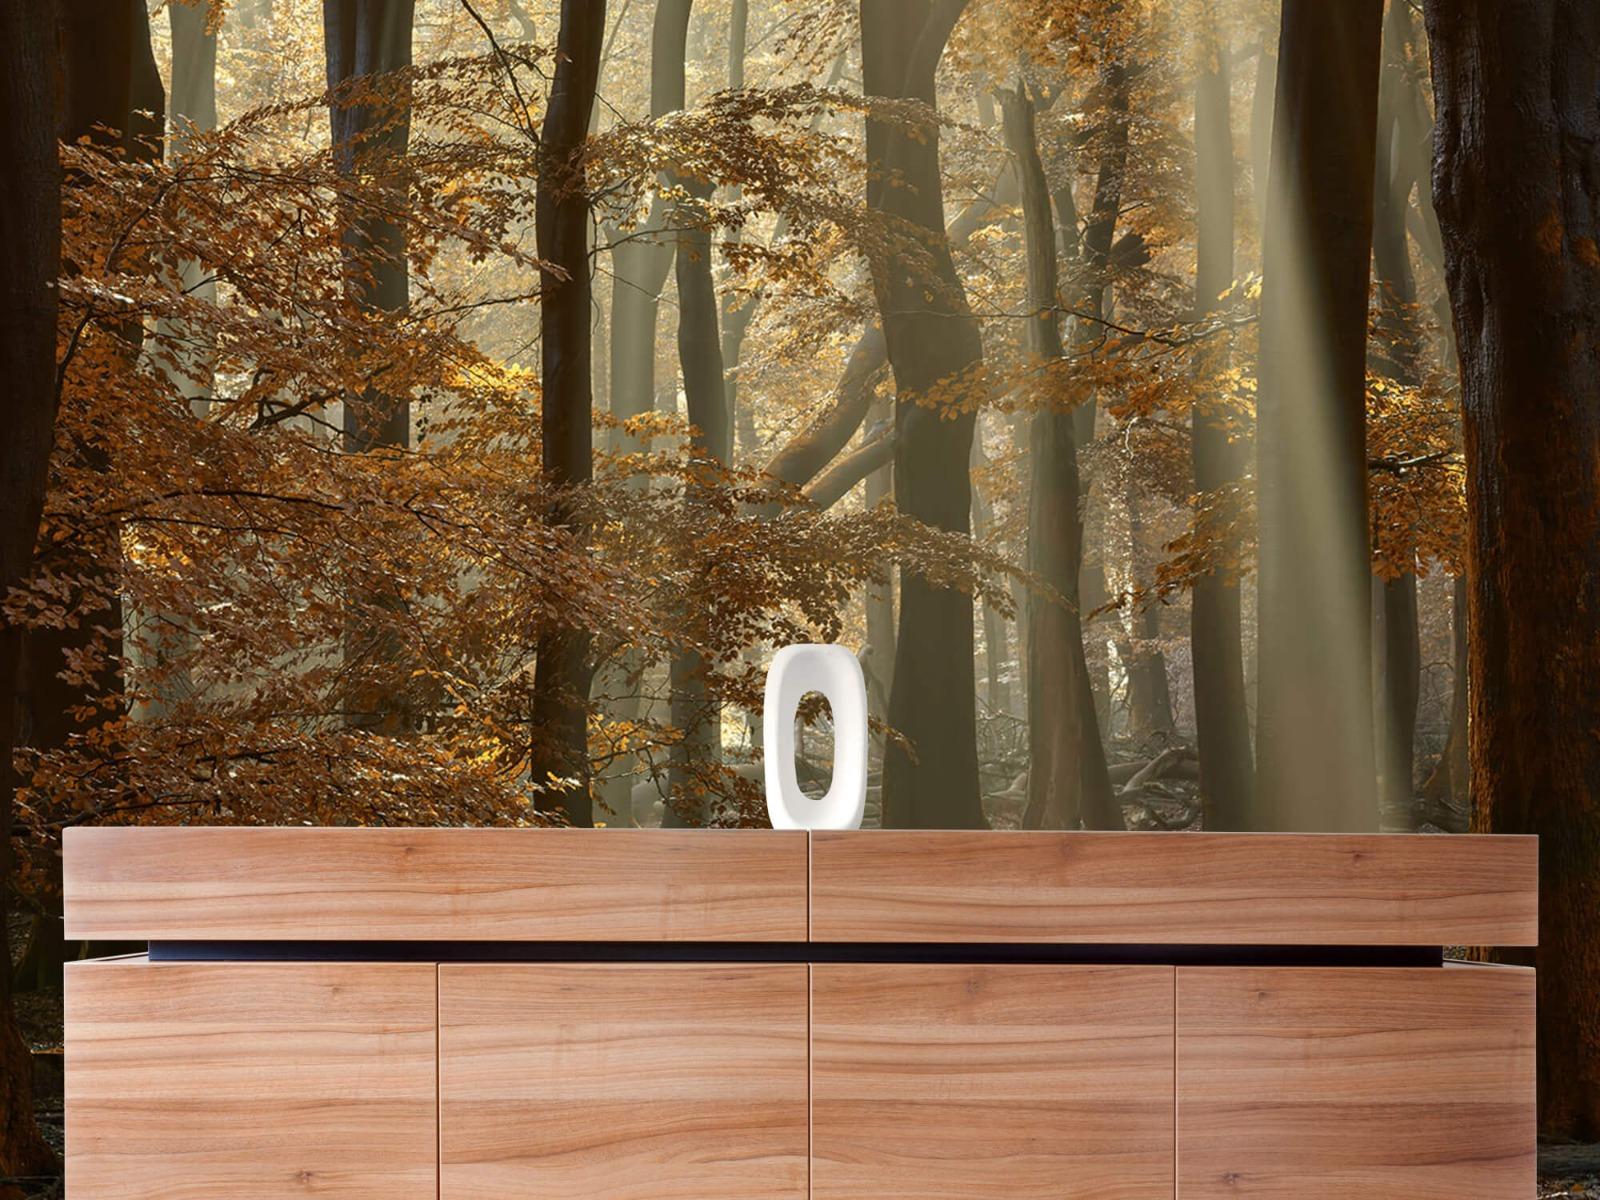 Bos behang - Herfstkleuren in het bos - Slaapkamer 20